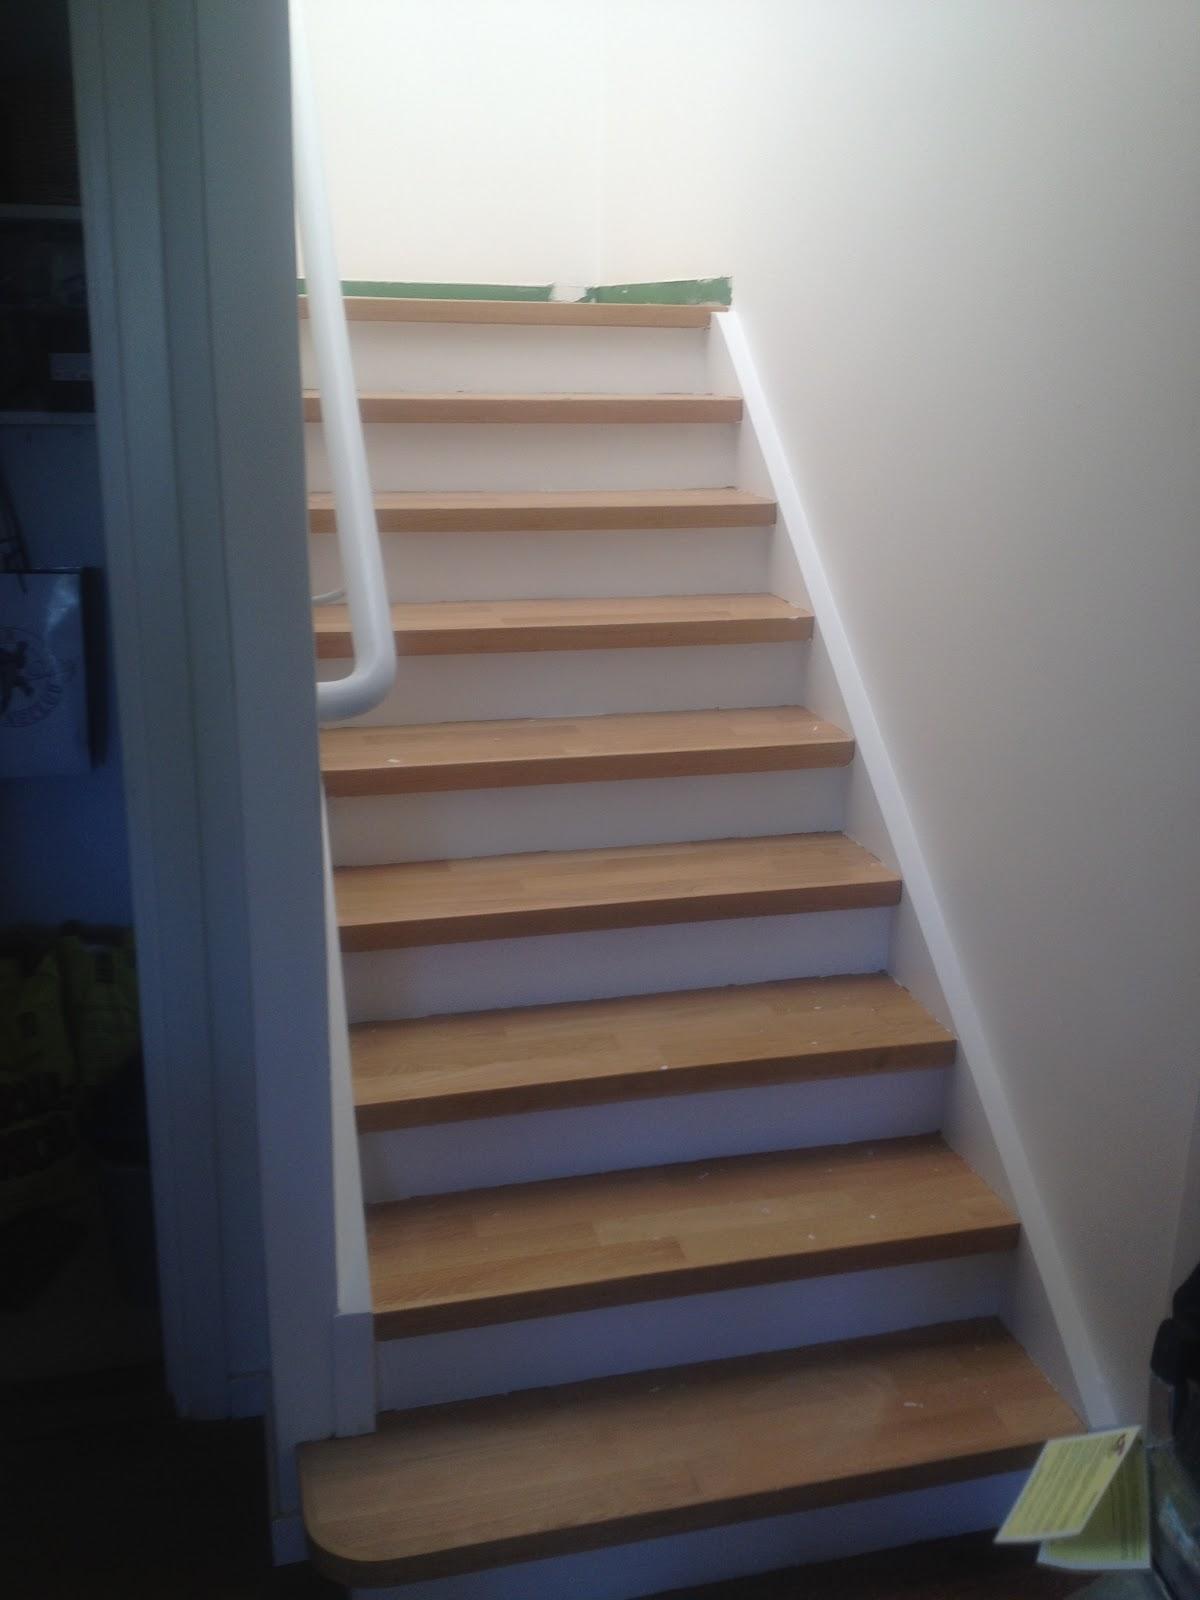 Hus Inspiration Inredning: Renovera trappan - visst går det att ...